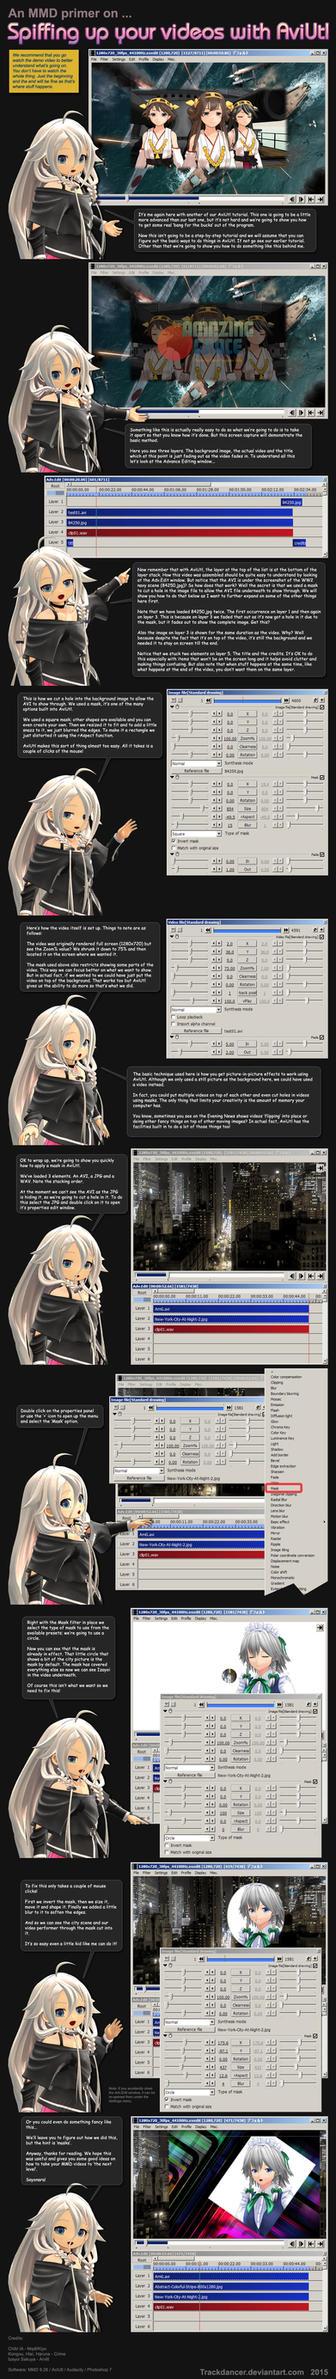 MMD Tutorial AviUtl 2: PiP+masks by Trackdancer